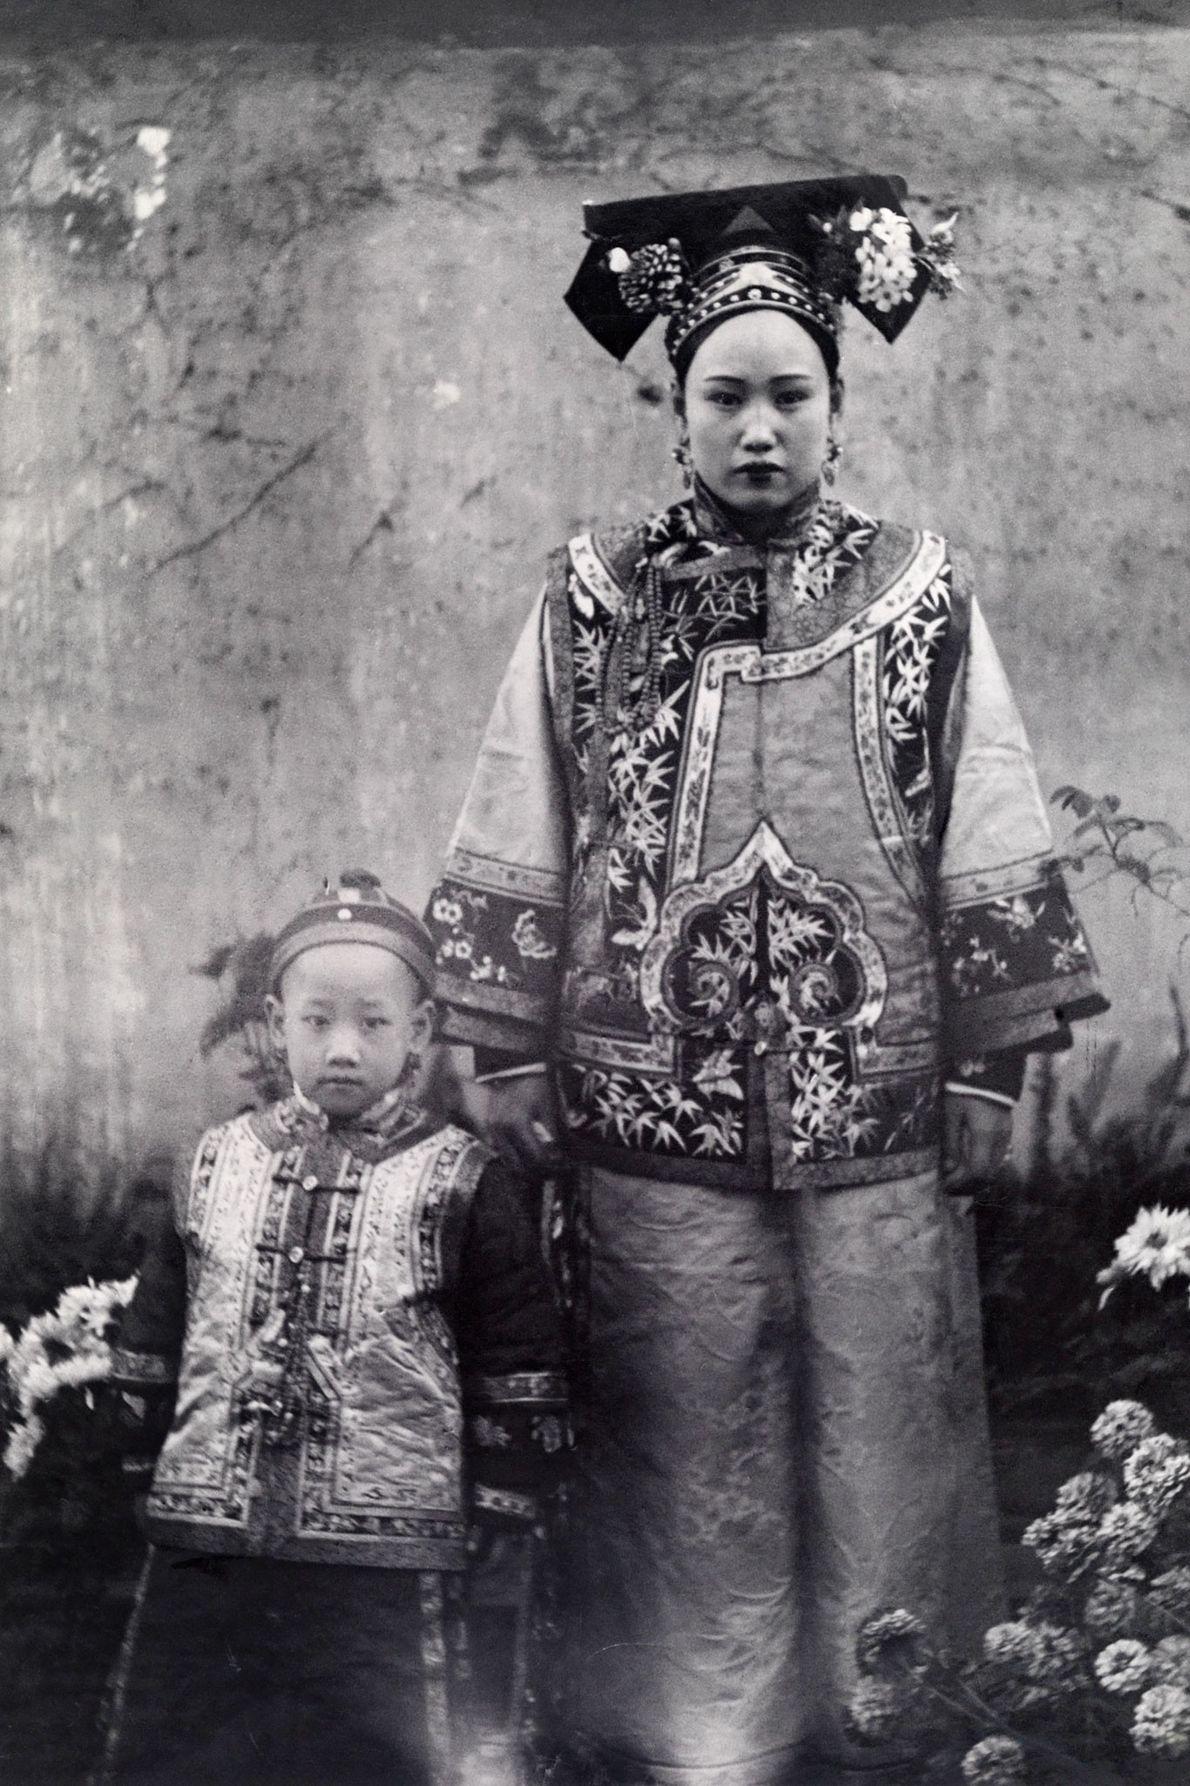 Uma mãe chinesa e a filha envergam o traje tradicional da região manchu.